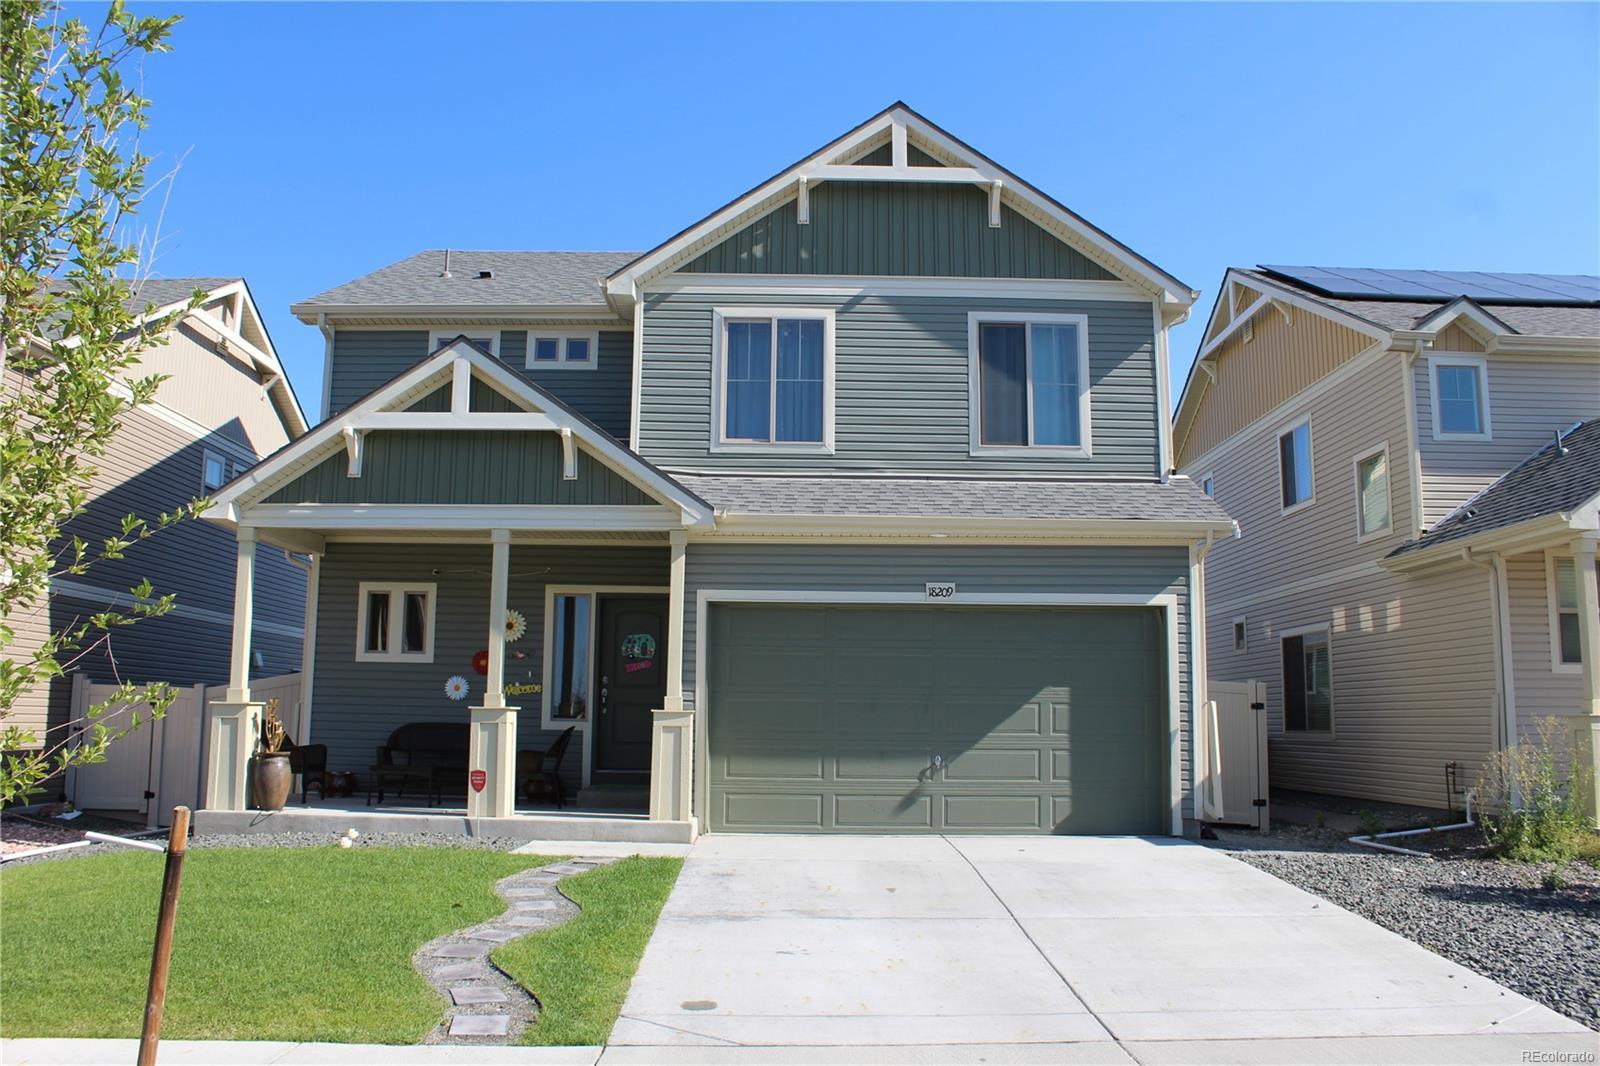 18209 E 52nd Avenue, Denver, CO 80249 - Denver, CO real estate listing